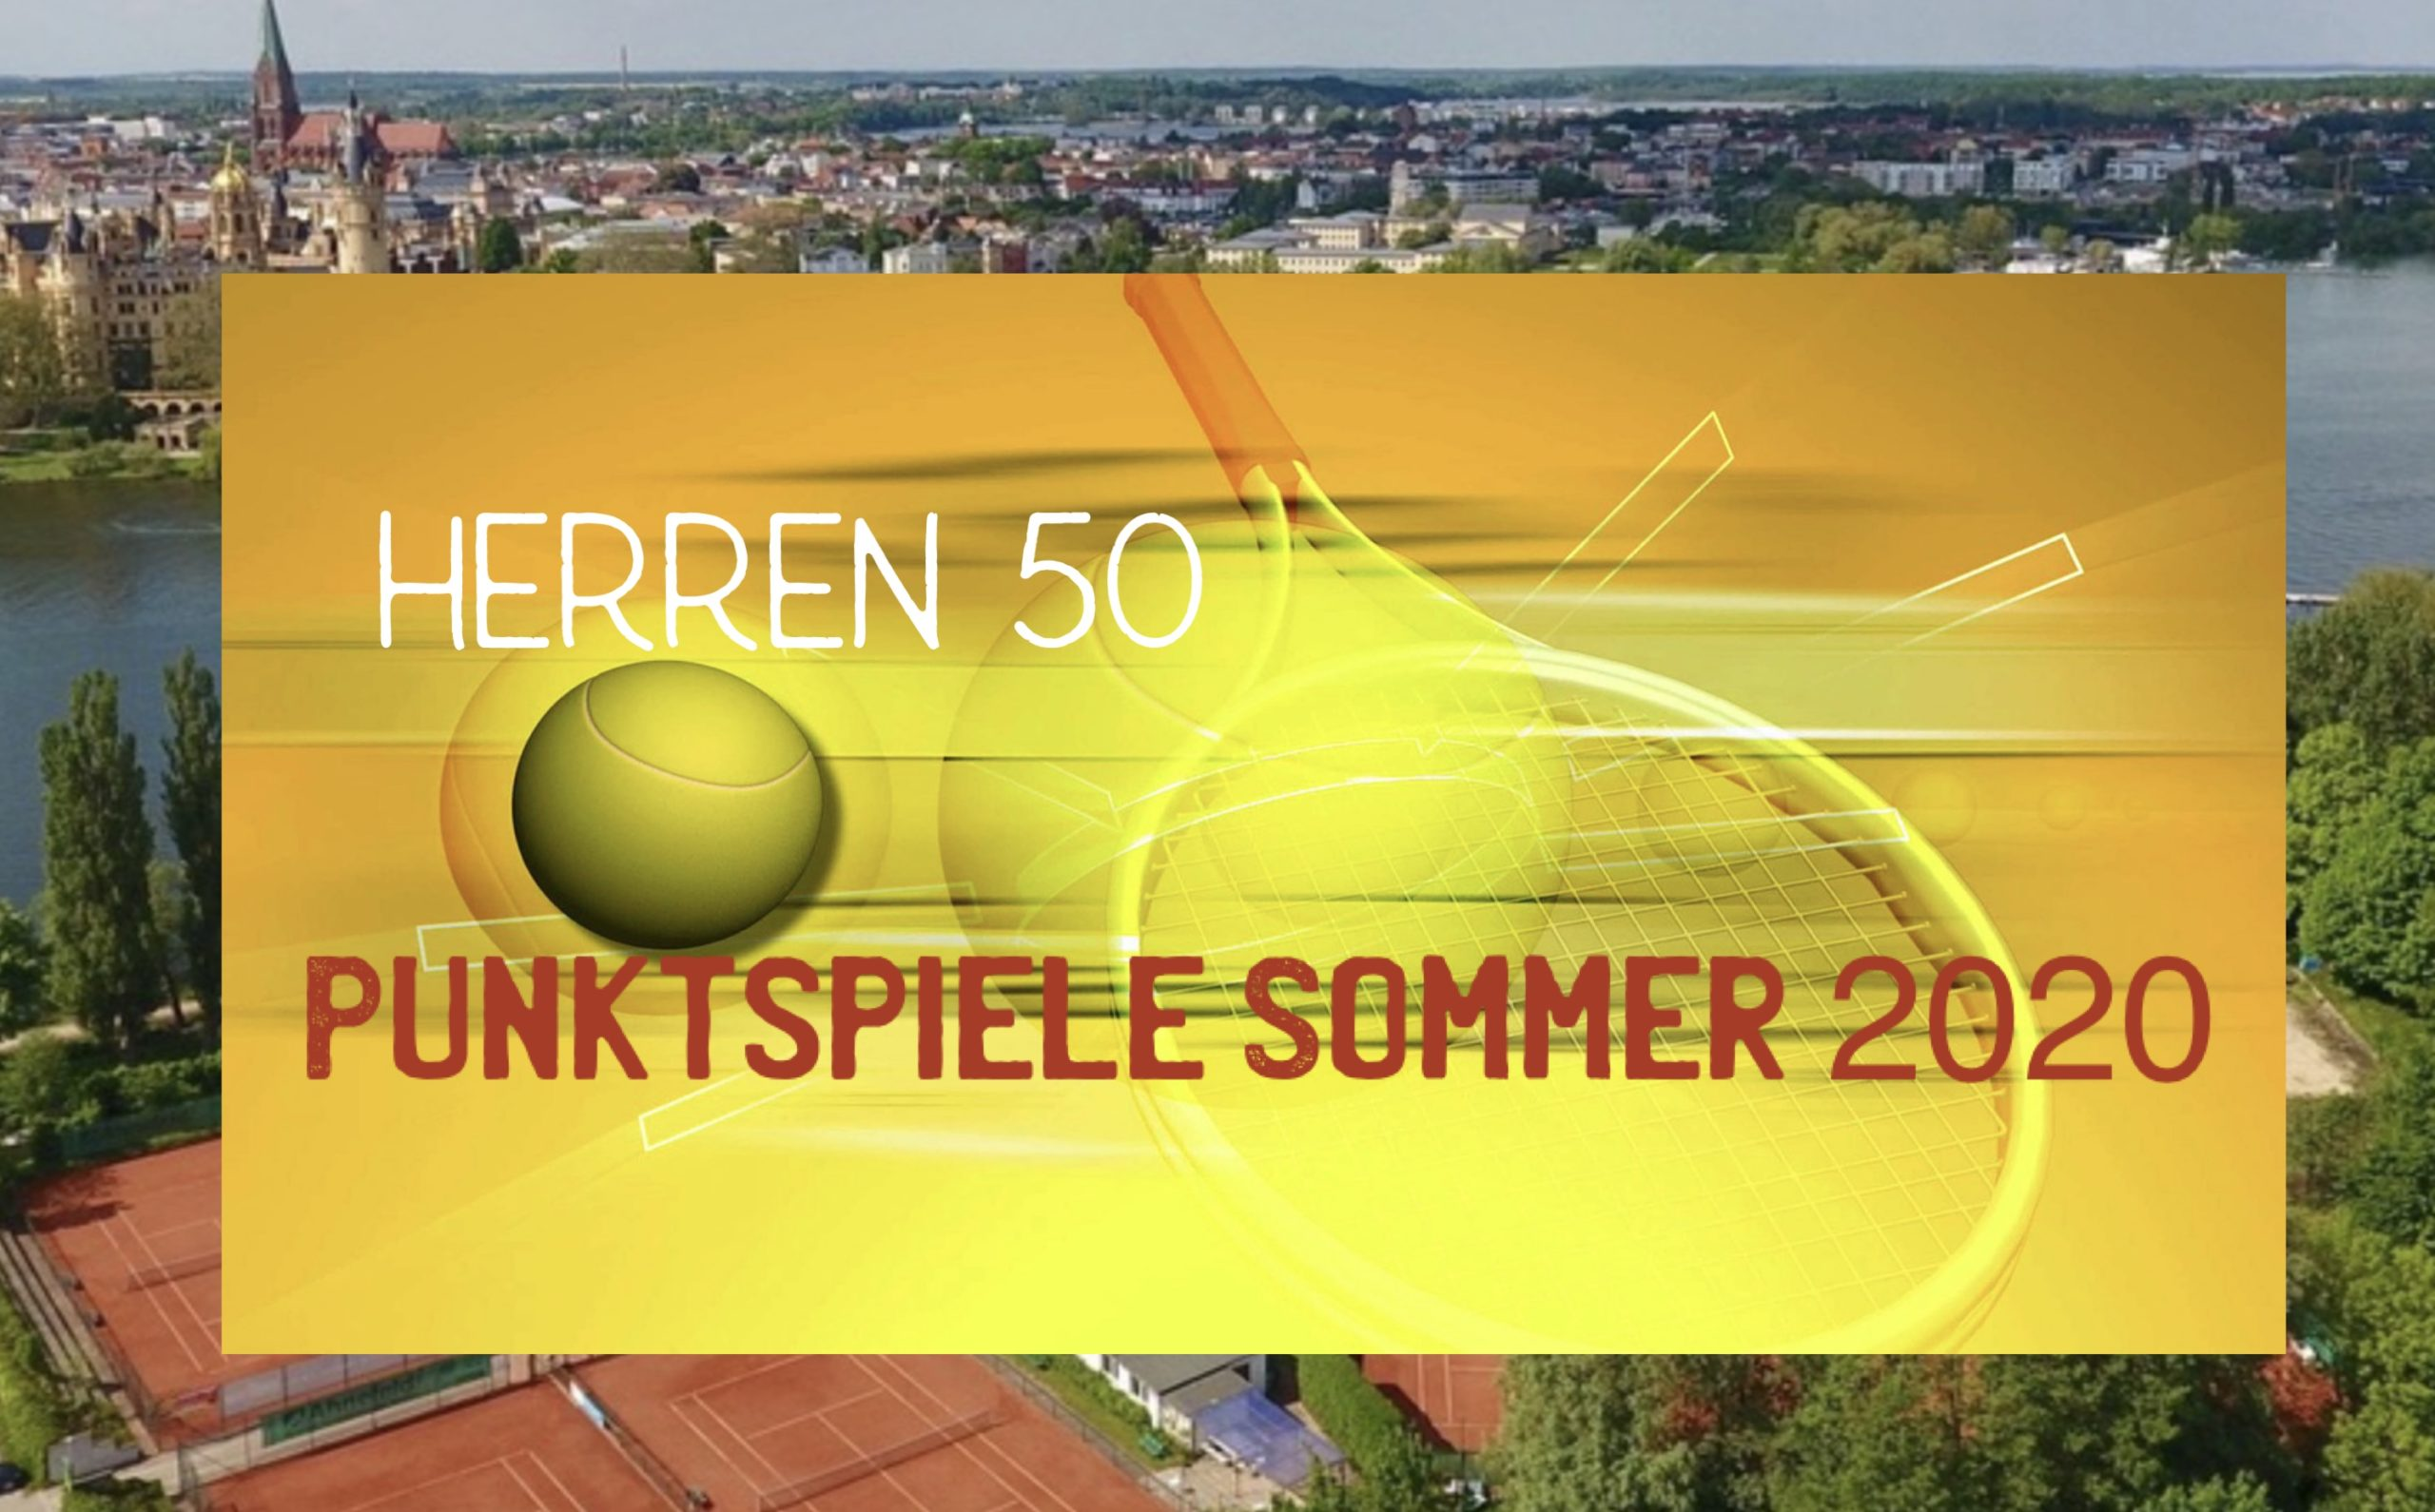 Punktspiel Herren 50 am 4.7.20